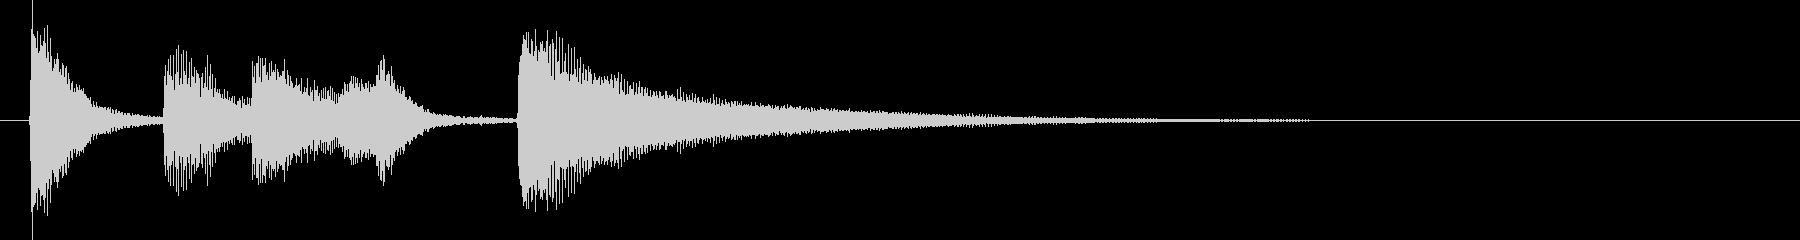 ロックンロール風ピアノのジンバルの未再生の波形